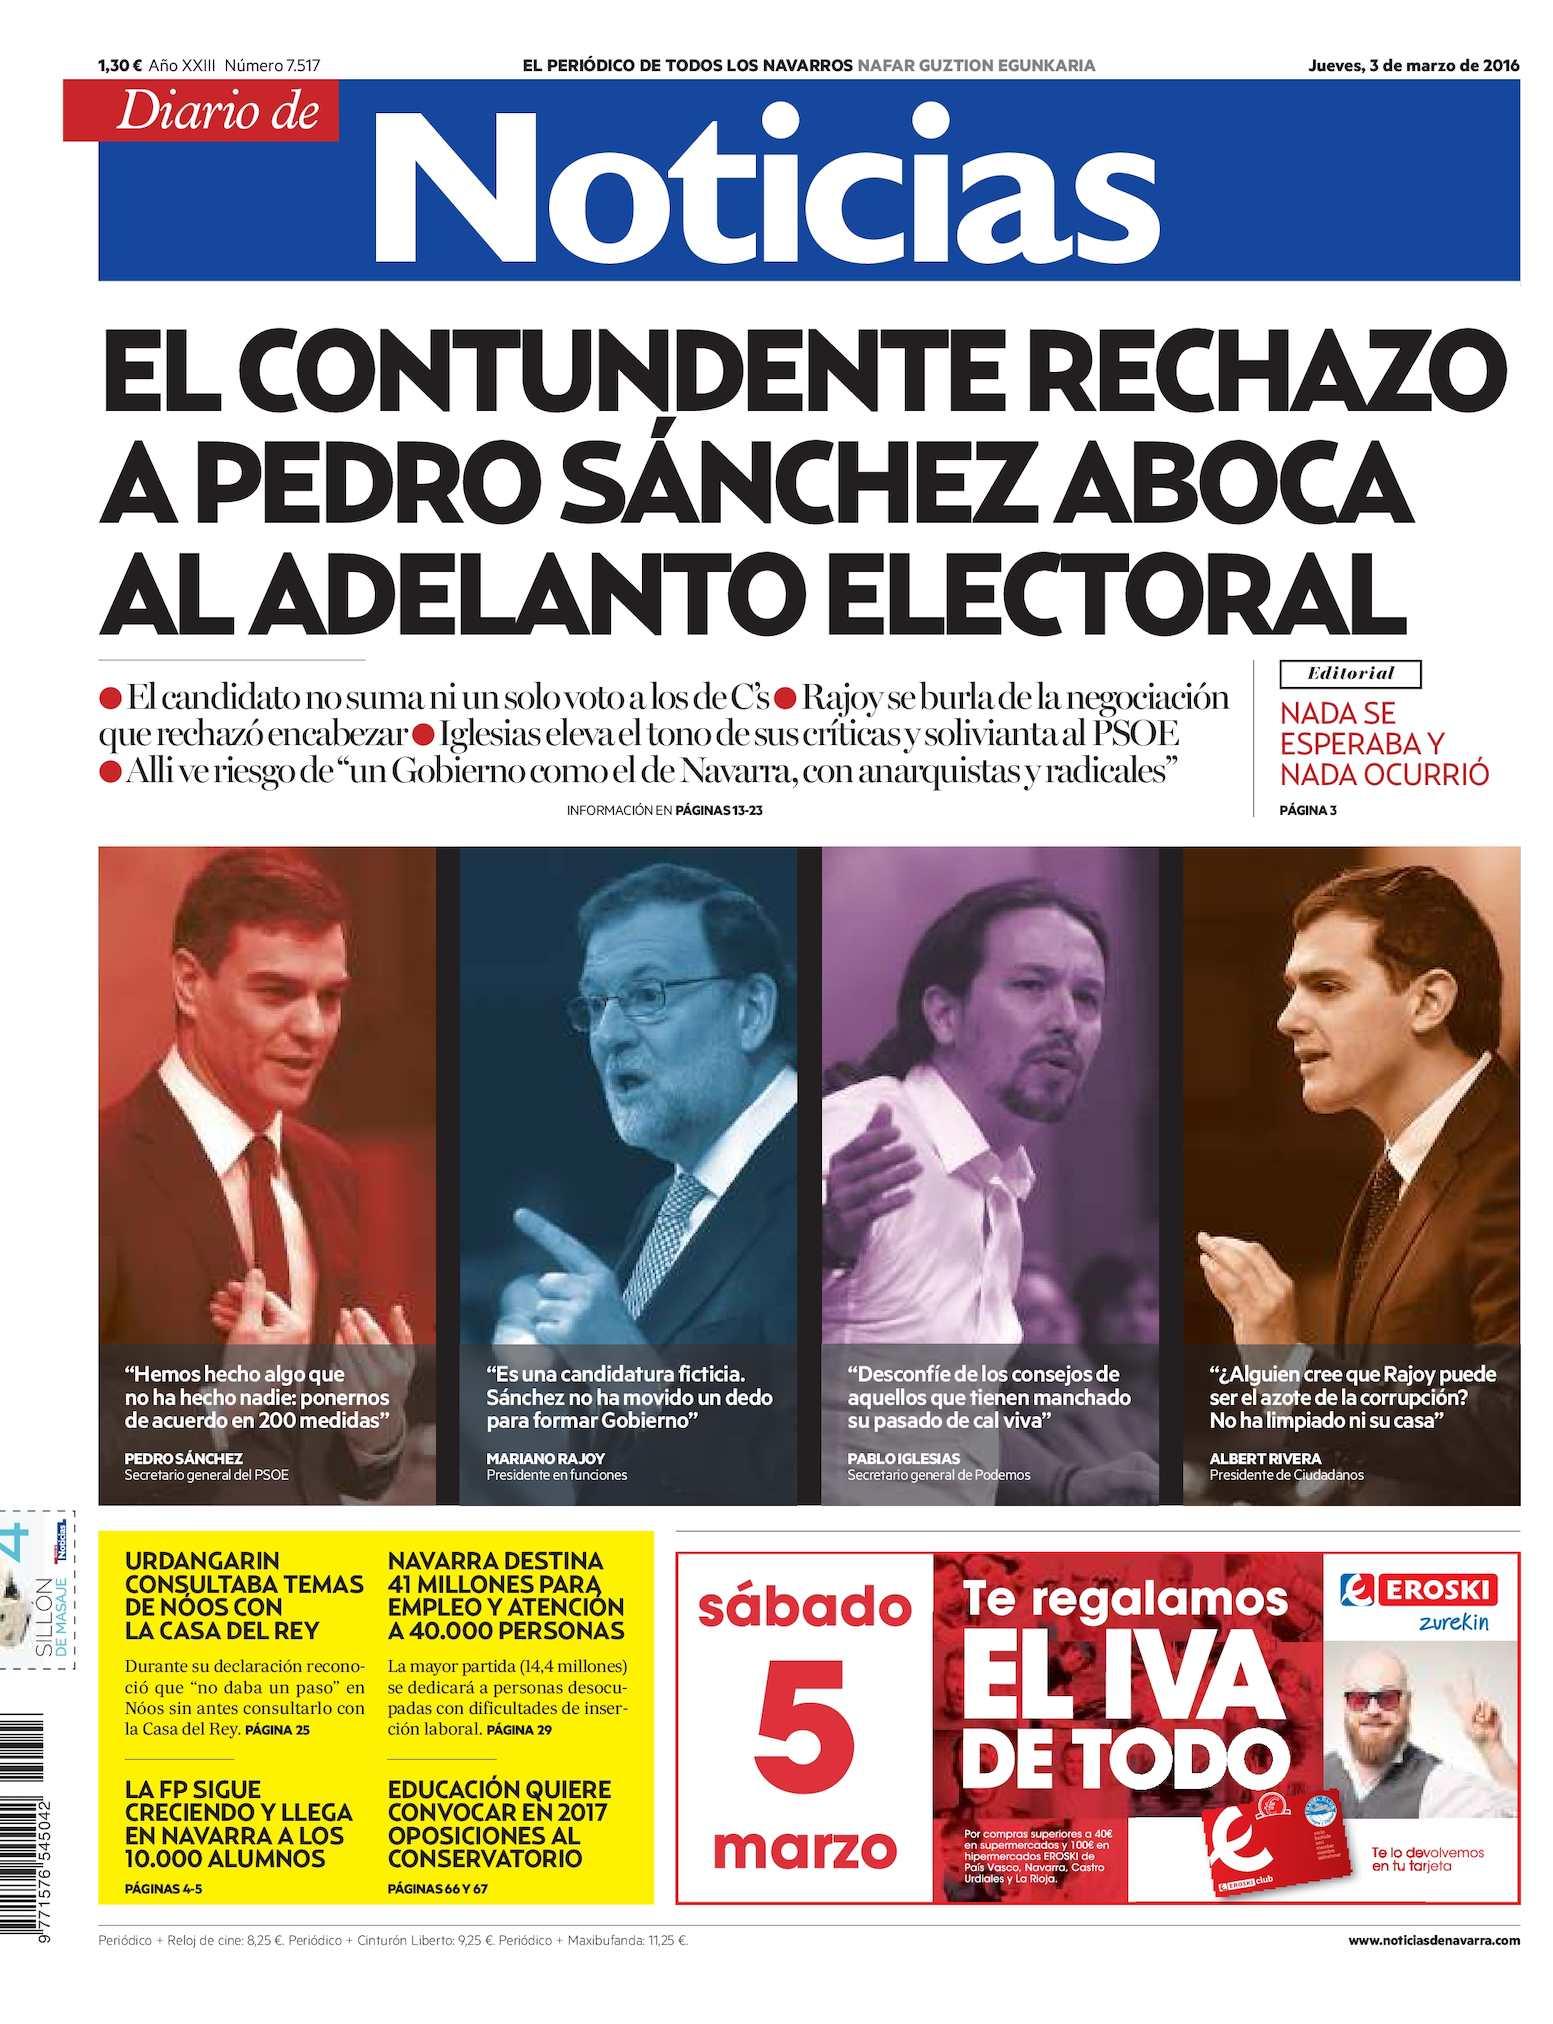 Calaméo - Diario de Noticias 20160303